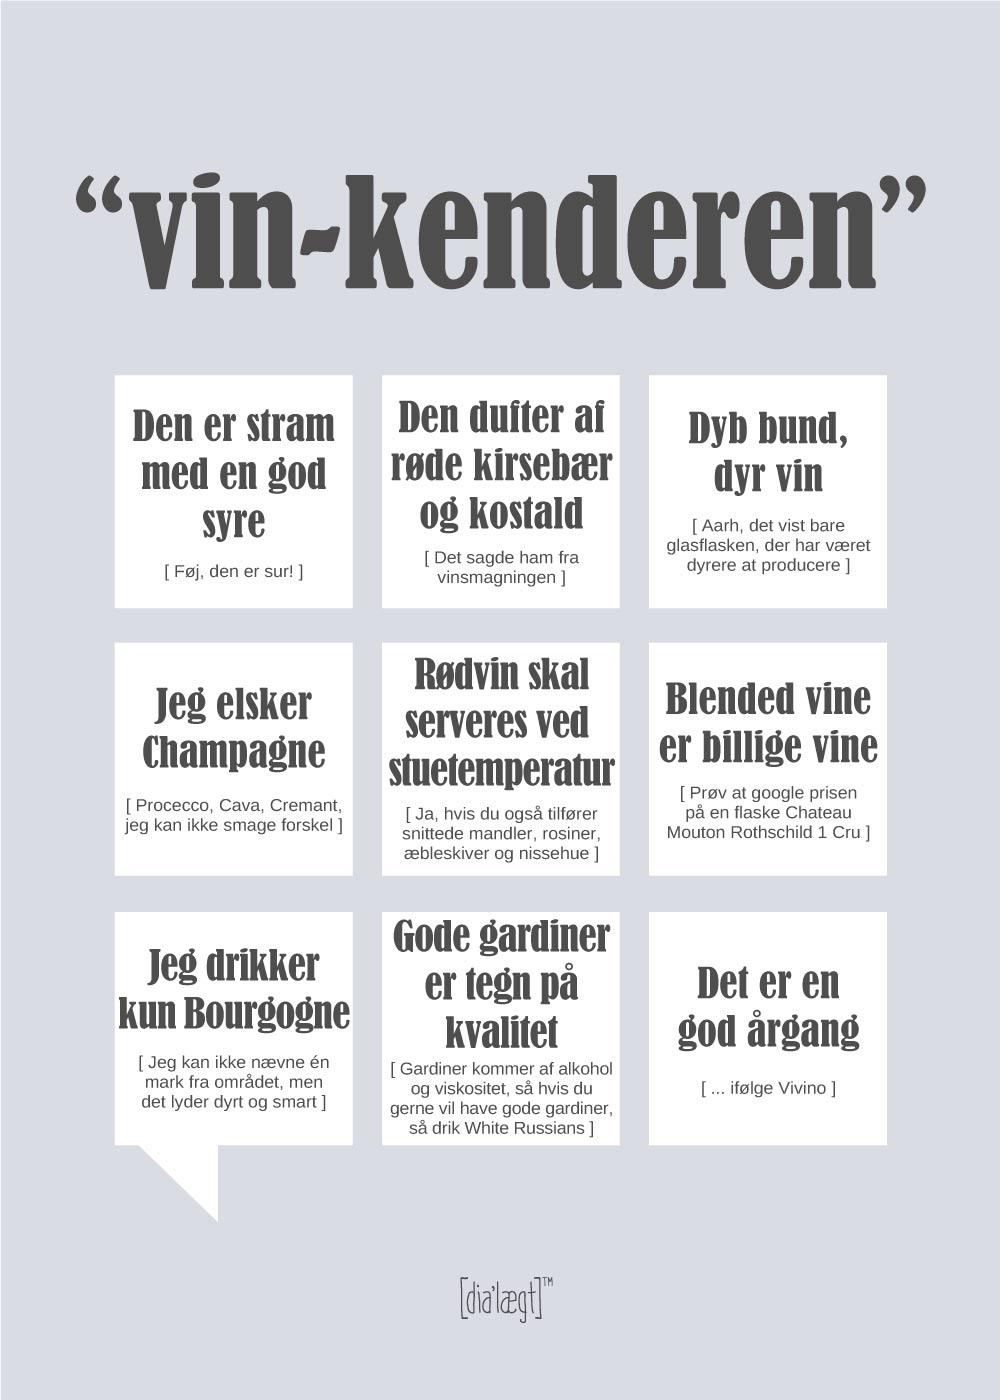 Vin-kenderen plakat